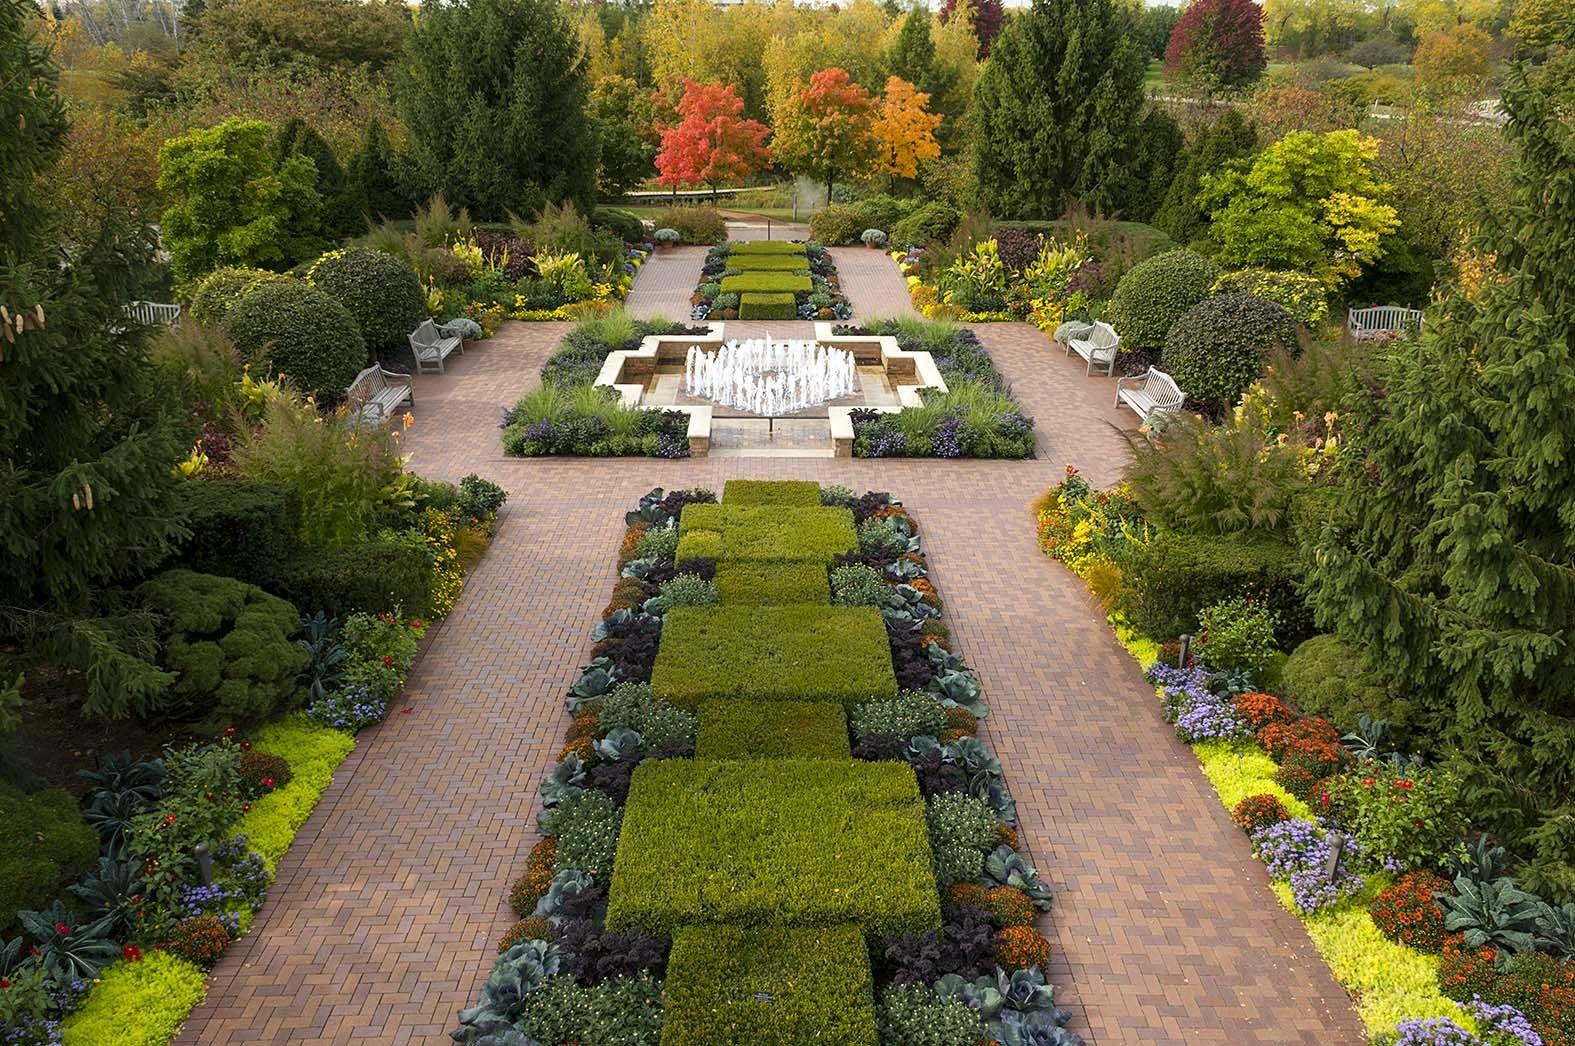 The Circle Garden at Chicago Botanic Garden | Garden in the ...